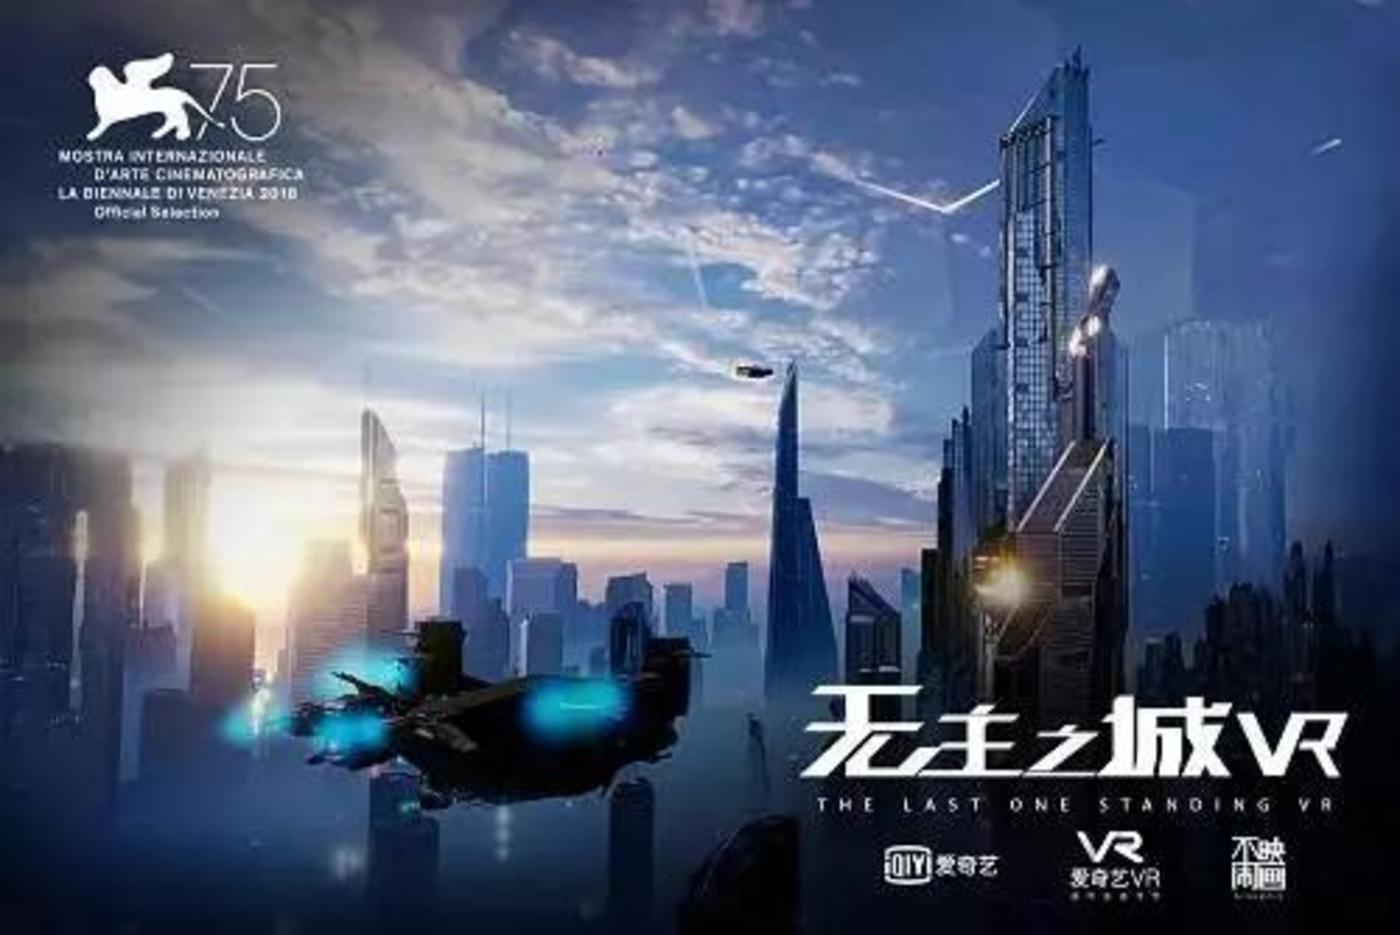 爱奇艺针对线下影院打造的首部VR电影《无主之城》